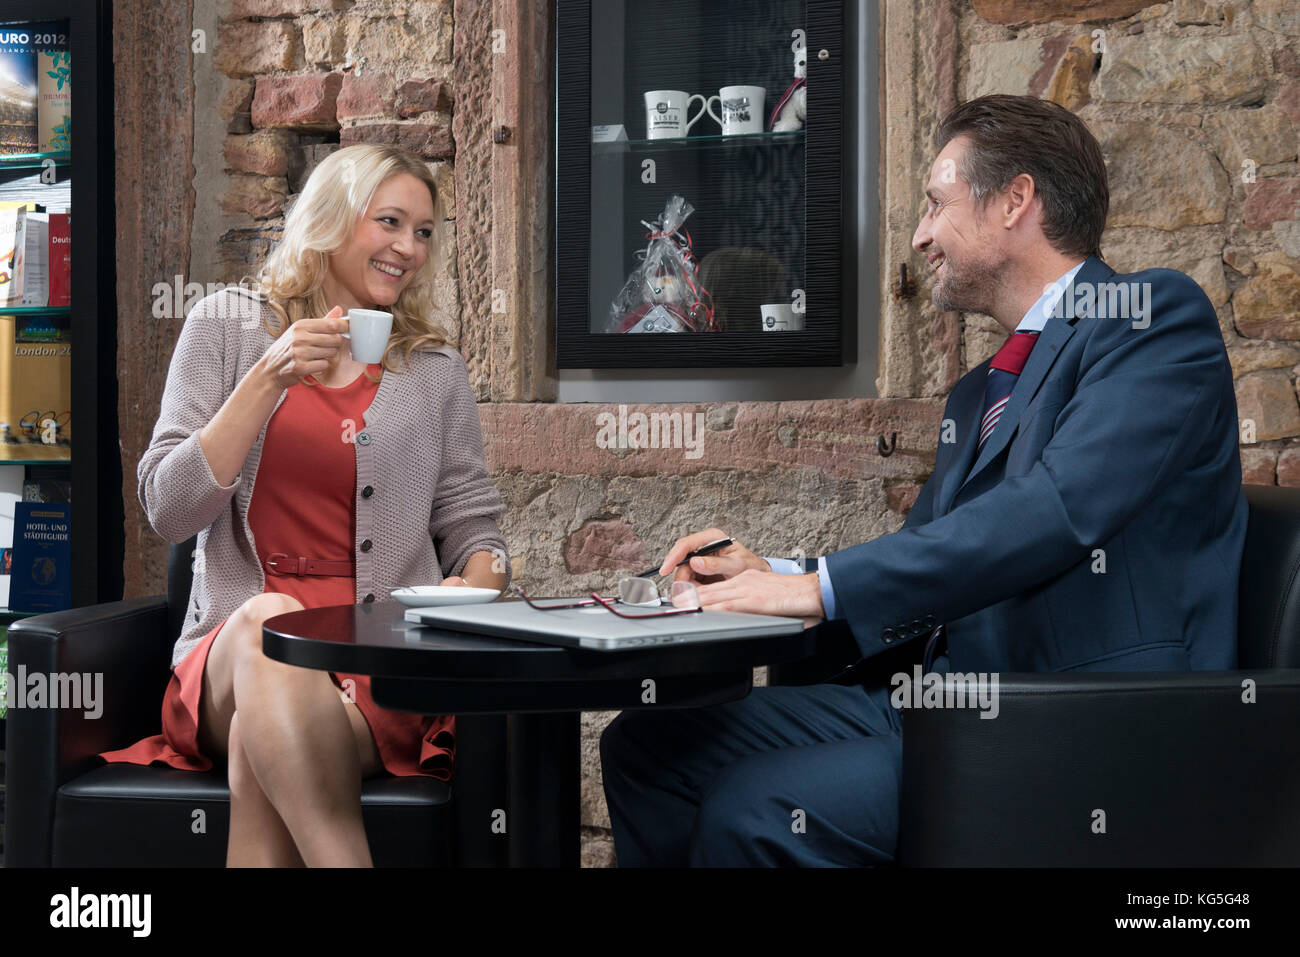 L'homme et la femme à la table dans le hall de l'hôtel, boire un expresso, Sourire, contact avec Photo Stock